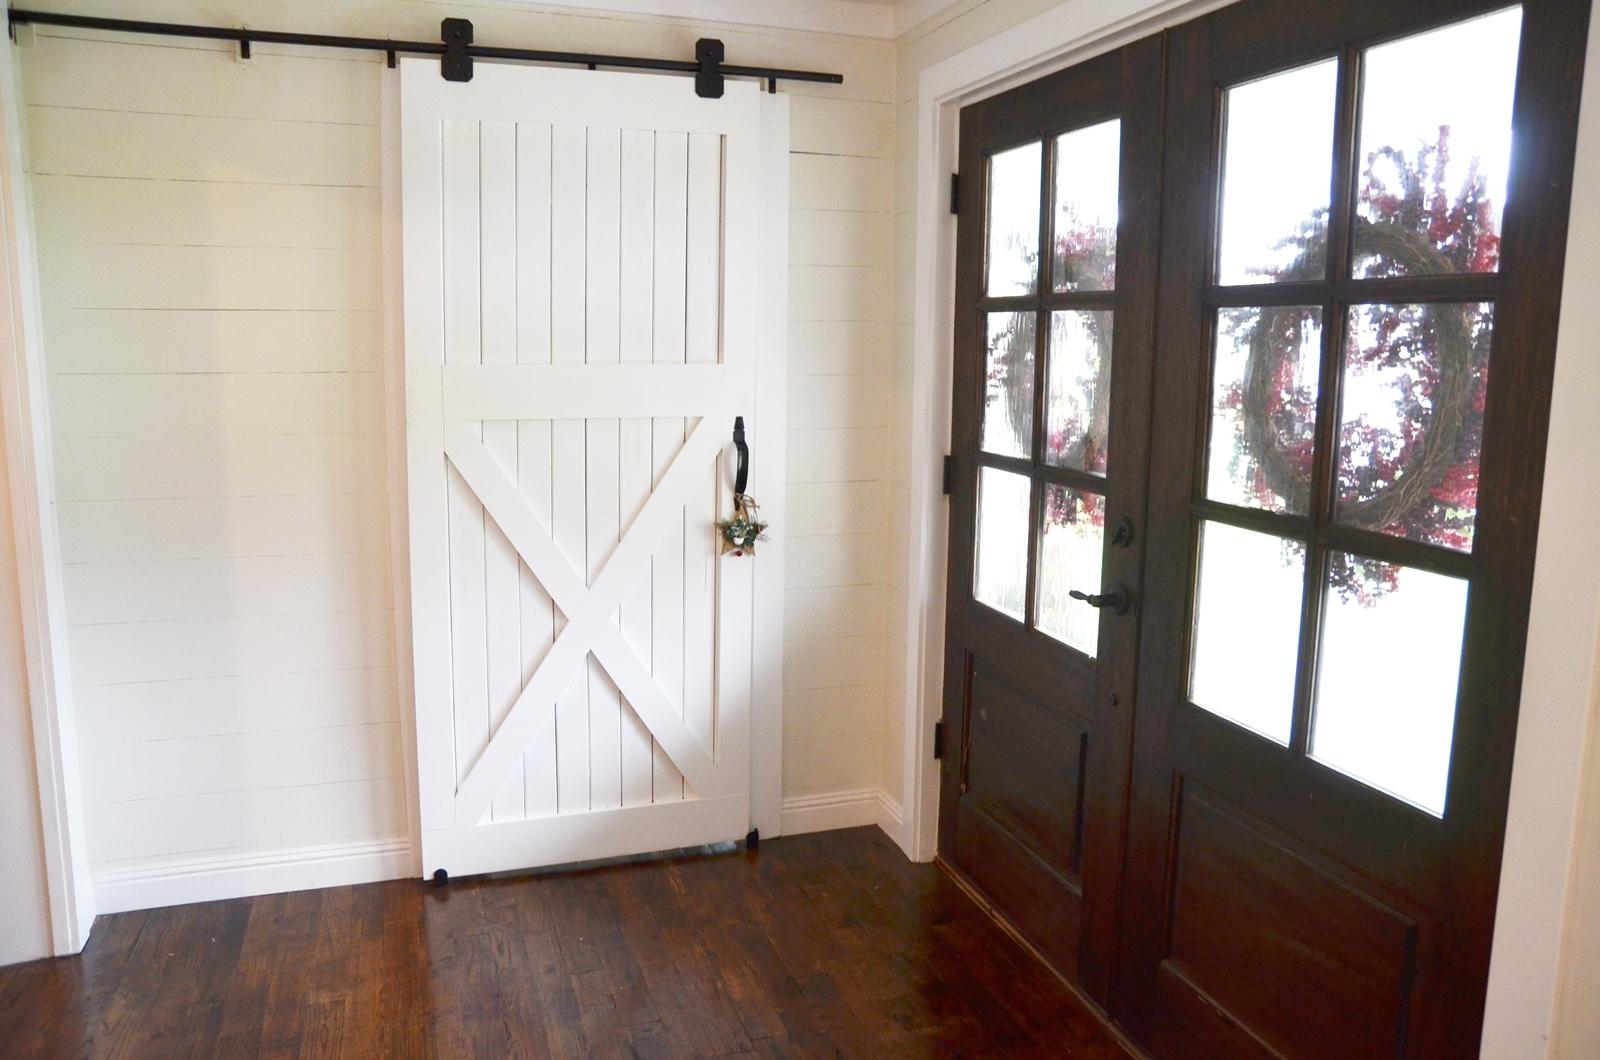 How To Hang A Barn Door